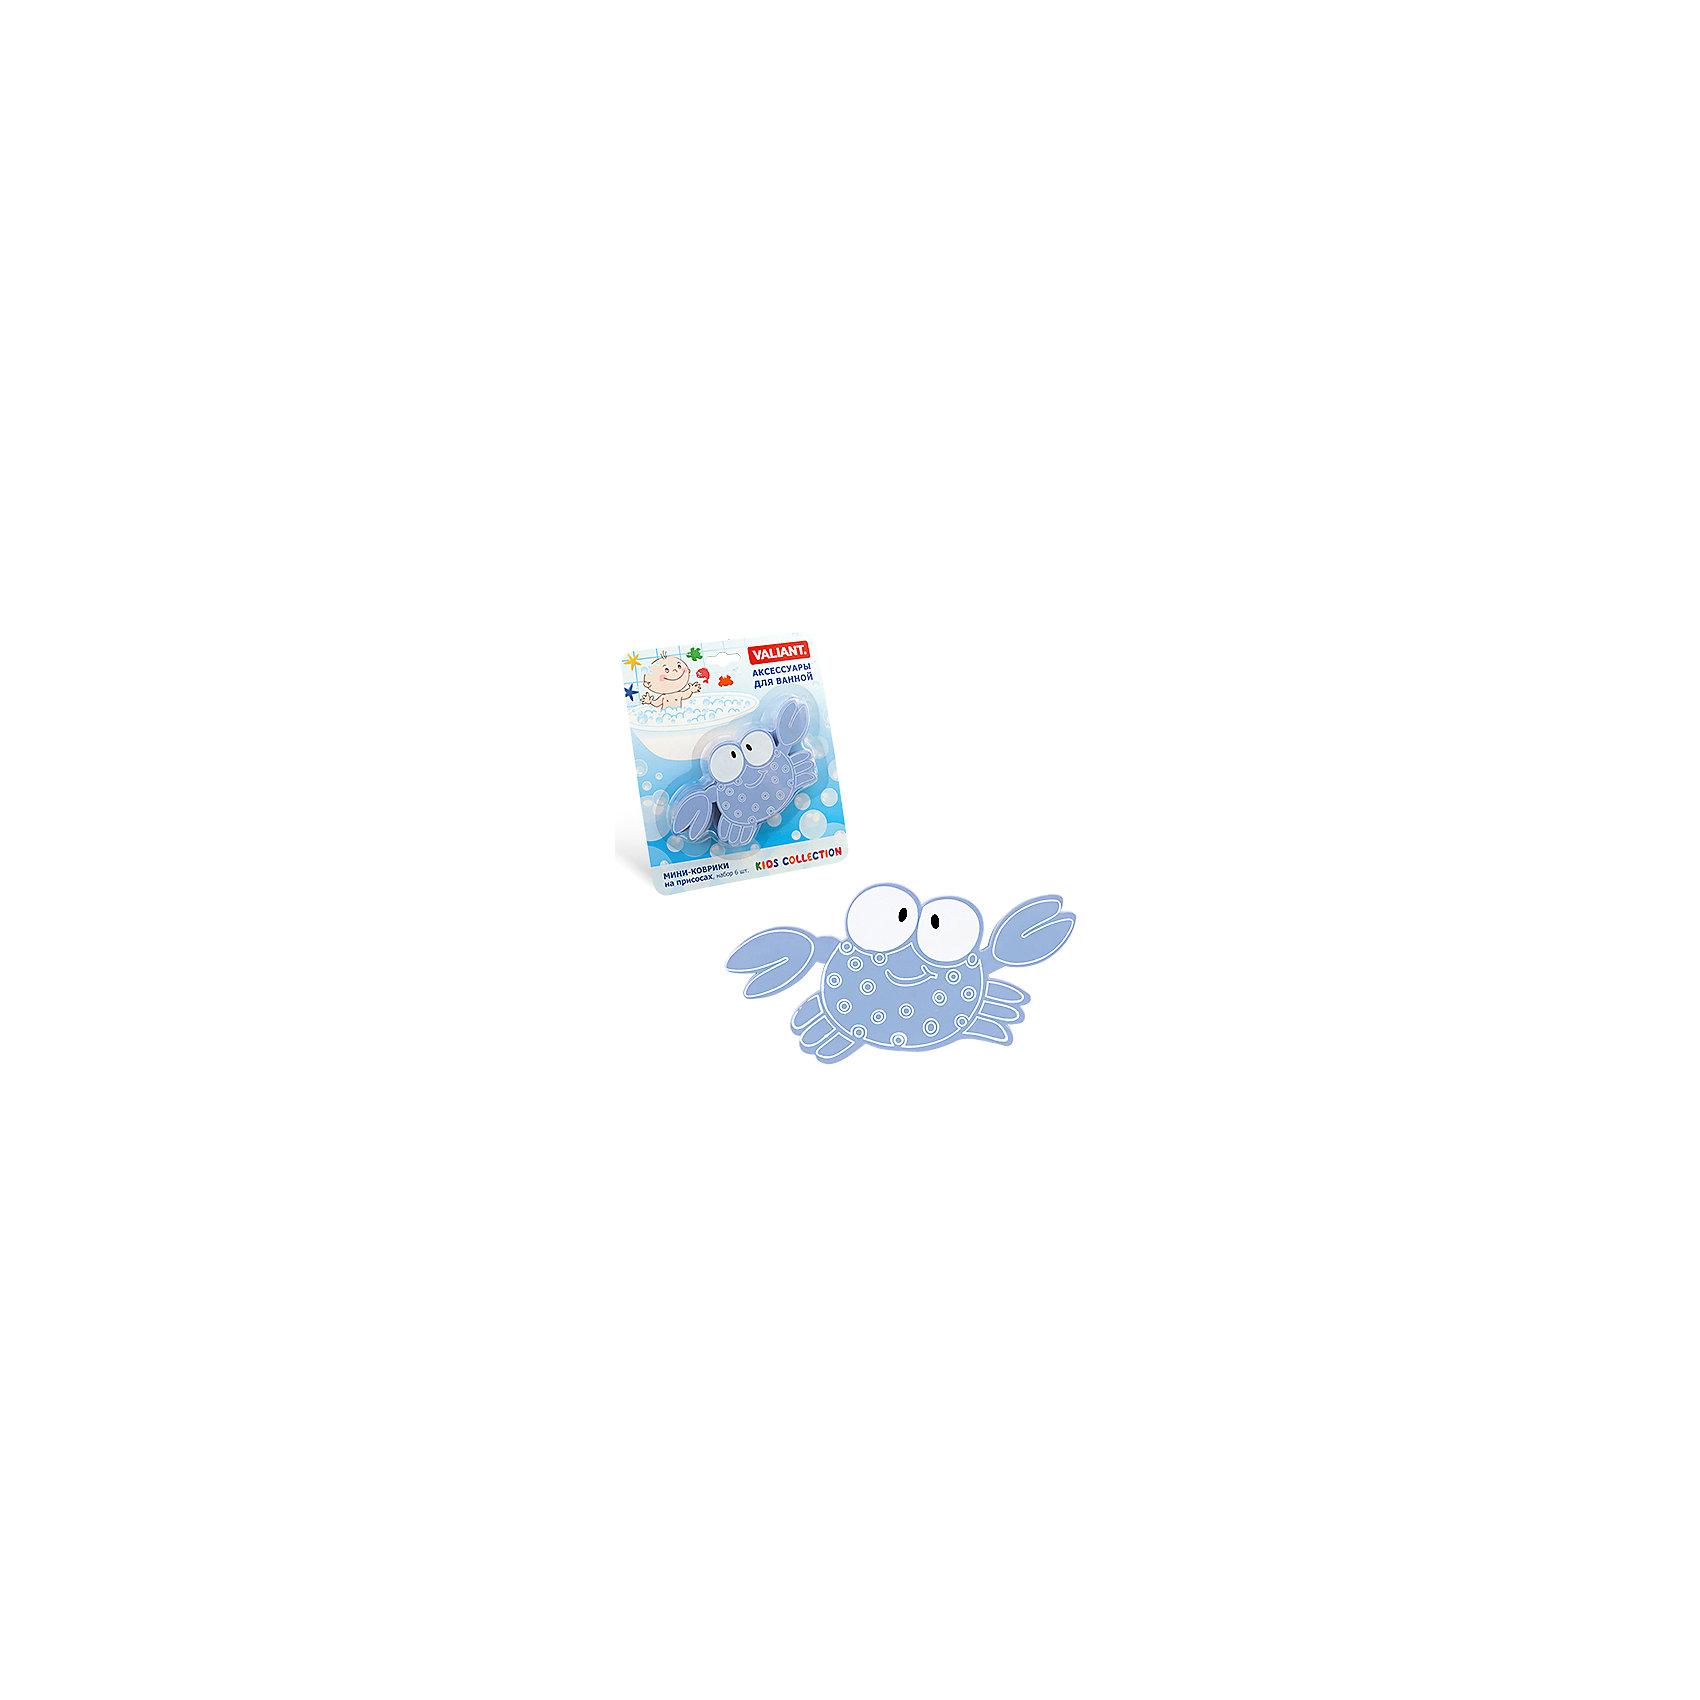 Набор ковриков Крабик на присосках (6 шт)Ванная комната<br>Мини-коврики для ванной комнаты - это яркое дополнение к купанию малыша. Это и игра и развитие моторики и изучение зверушек. <br>Колоссальный и постоянно растущий спрос на них обусловлен реакцией малышей и их мам на данное изобретение по всему миру.<br>Мини-коврики снабжены присосками и превосходно клеятся на влажный кафель.<br><br>Ширина мм: 170<br>Глубина мм: 40<br>Высота мм: 200<br>Вес г: 142<br>Возраст от месяцев: -2147483648<br>Возраст до месяцев: 2147483647<br>Пол: Унисекс<br>Возраст: Детский<br>SKU: 4563347